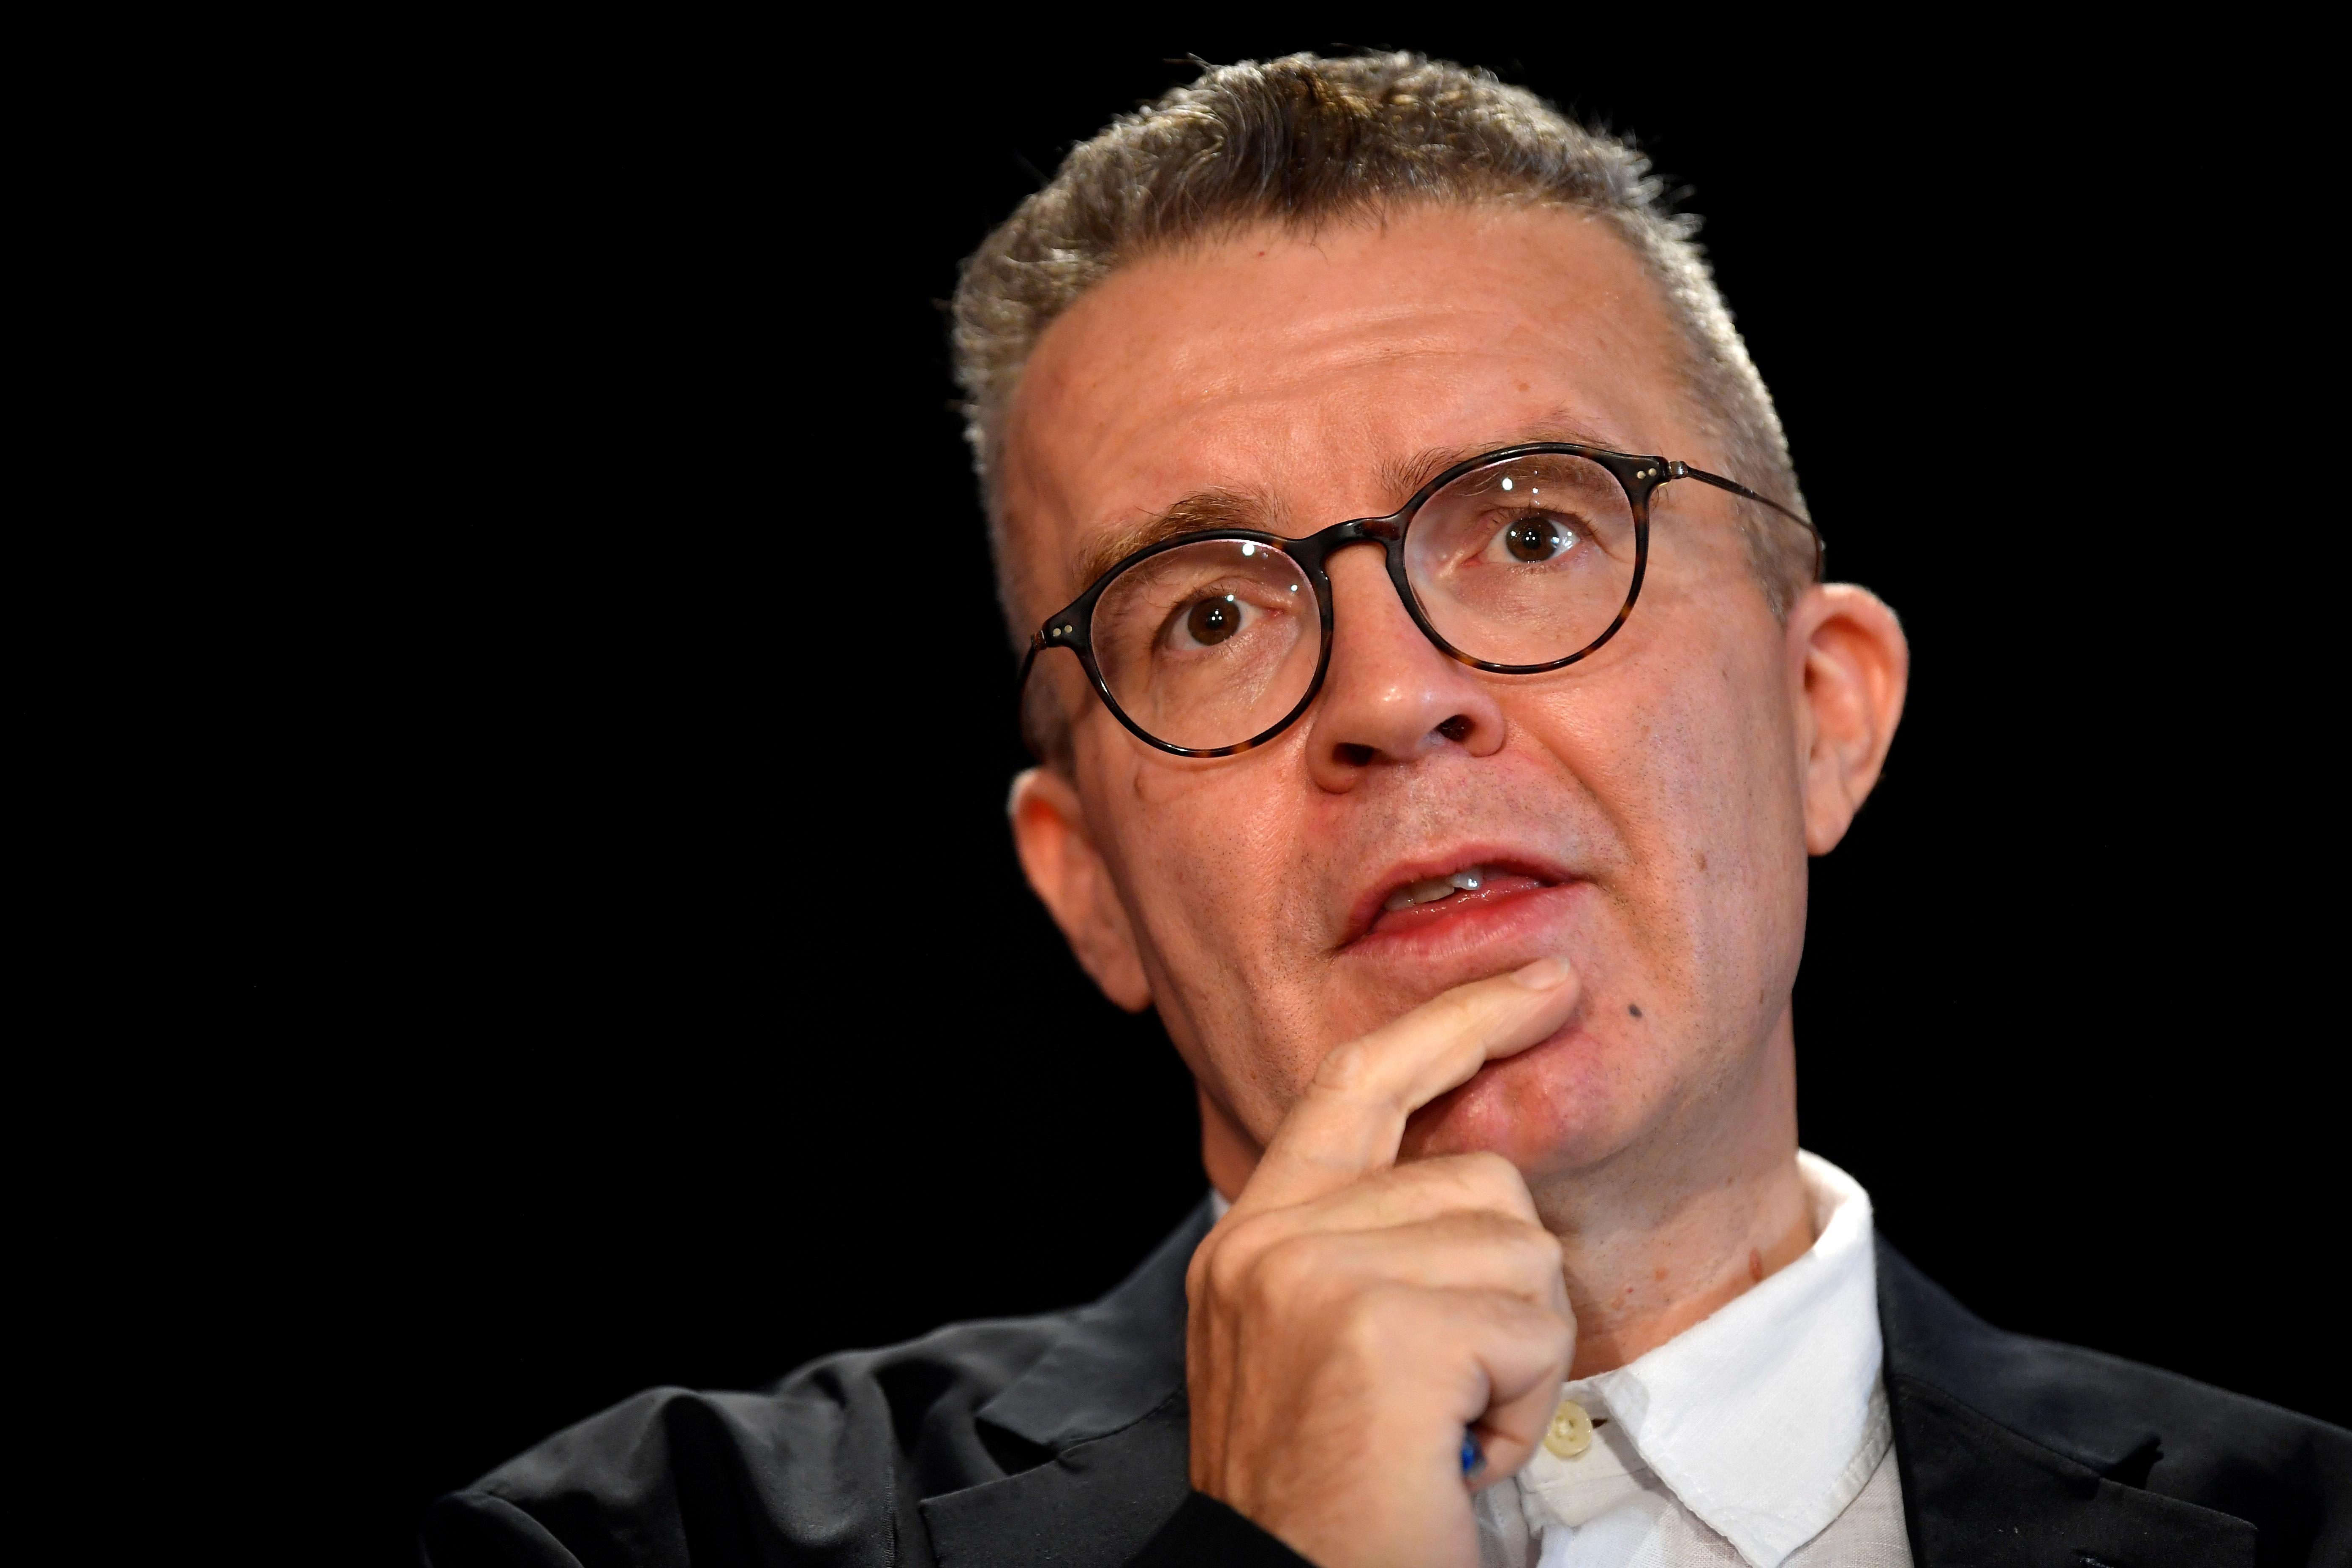 UK Labour deputy leader survives bid to oust him over Brexit